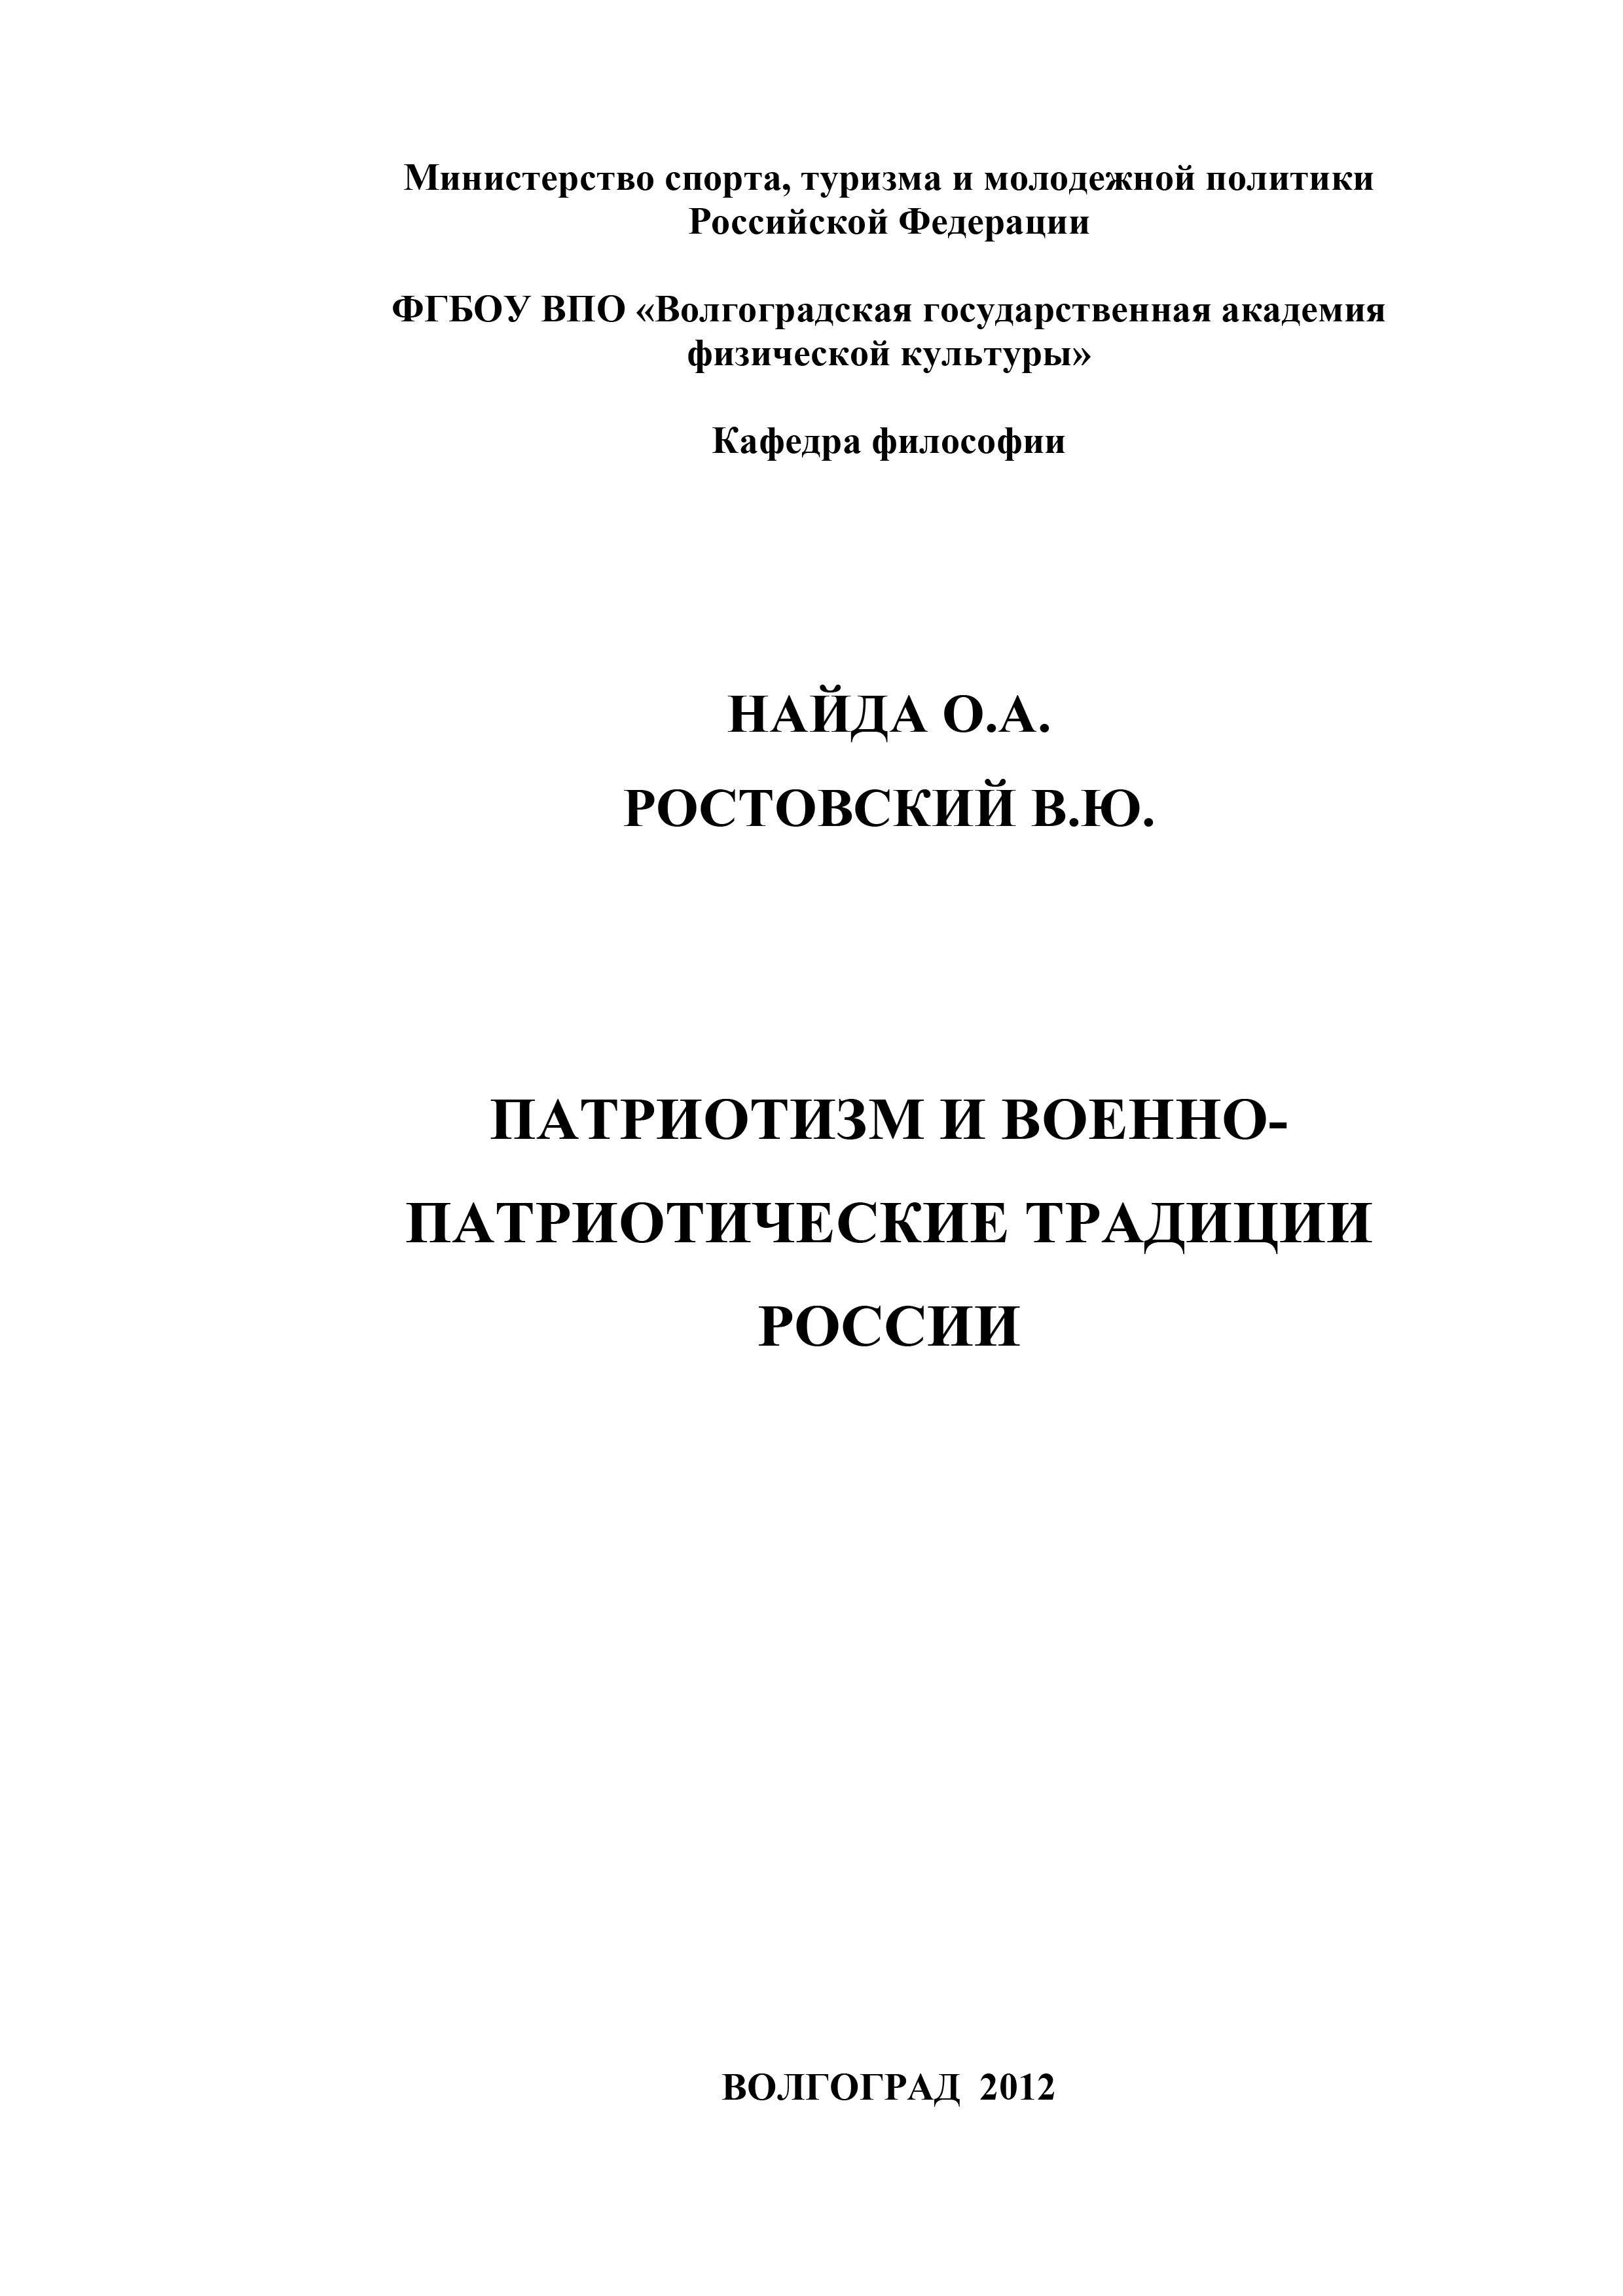 Олег Найда Патриотизм и военно-патриотические традиции России е а балашов шюцкор феномен финского патриотизма